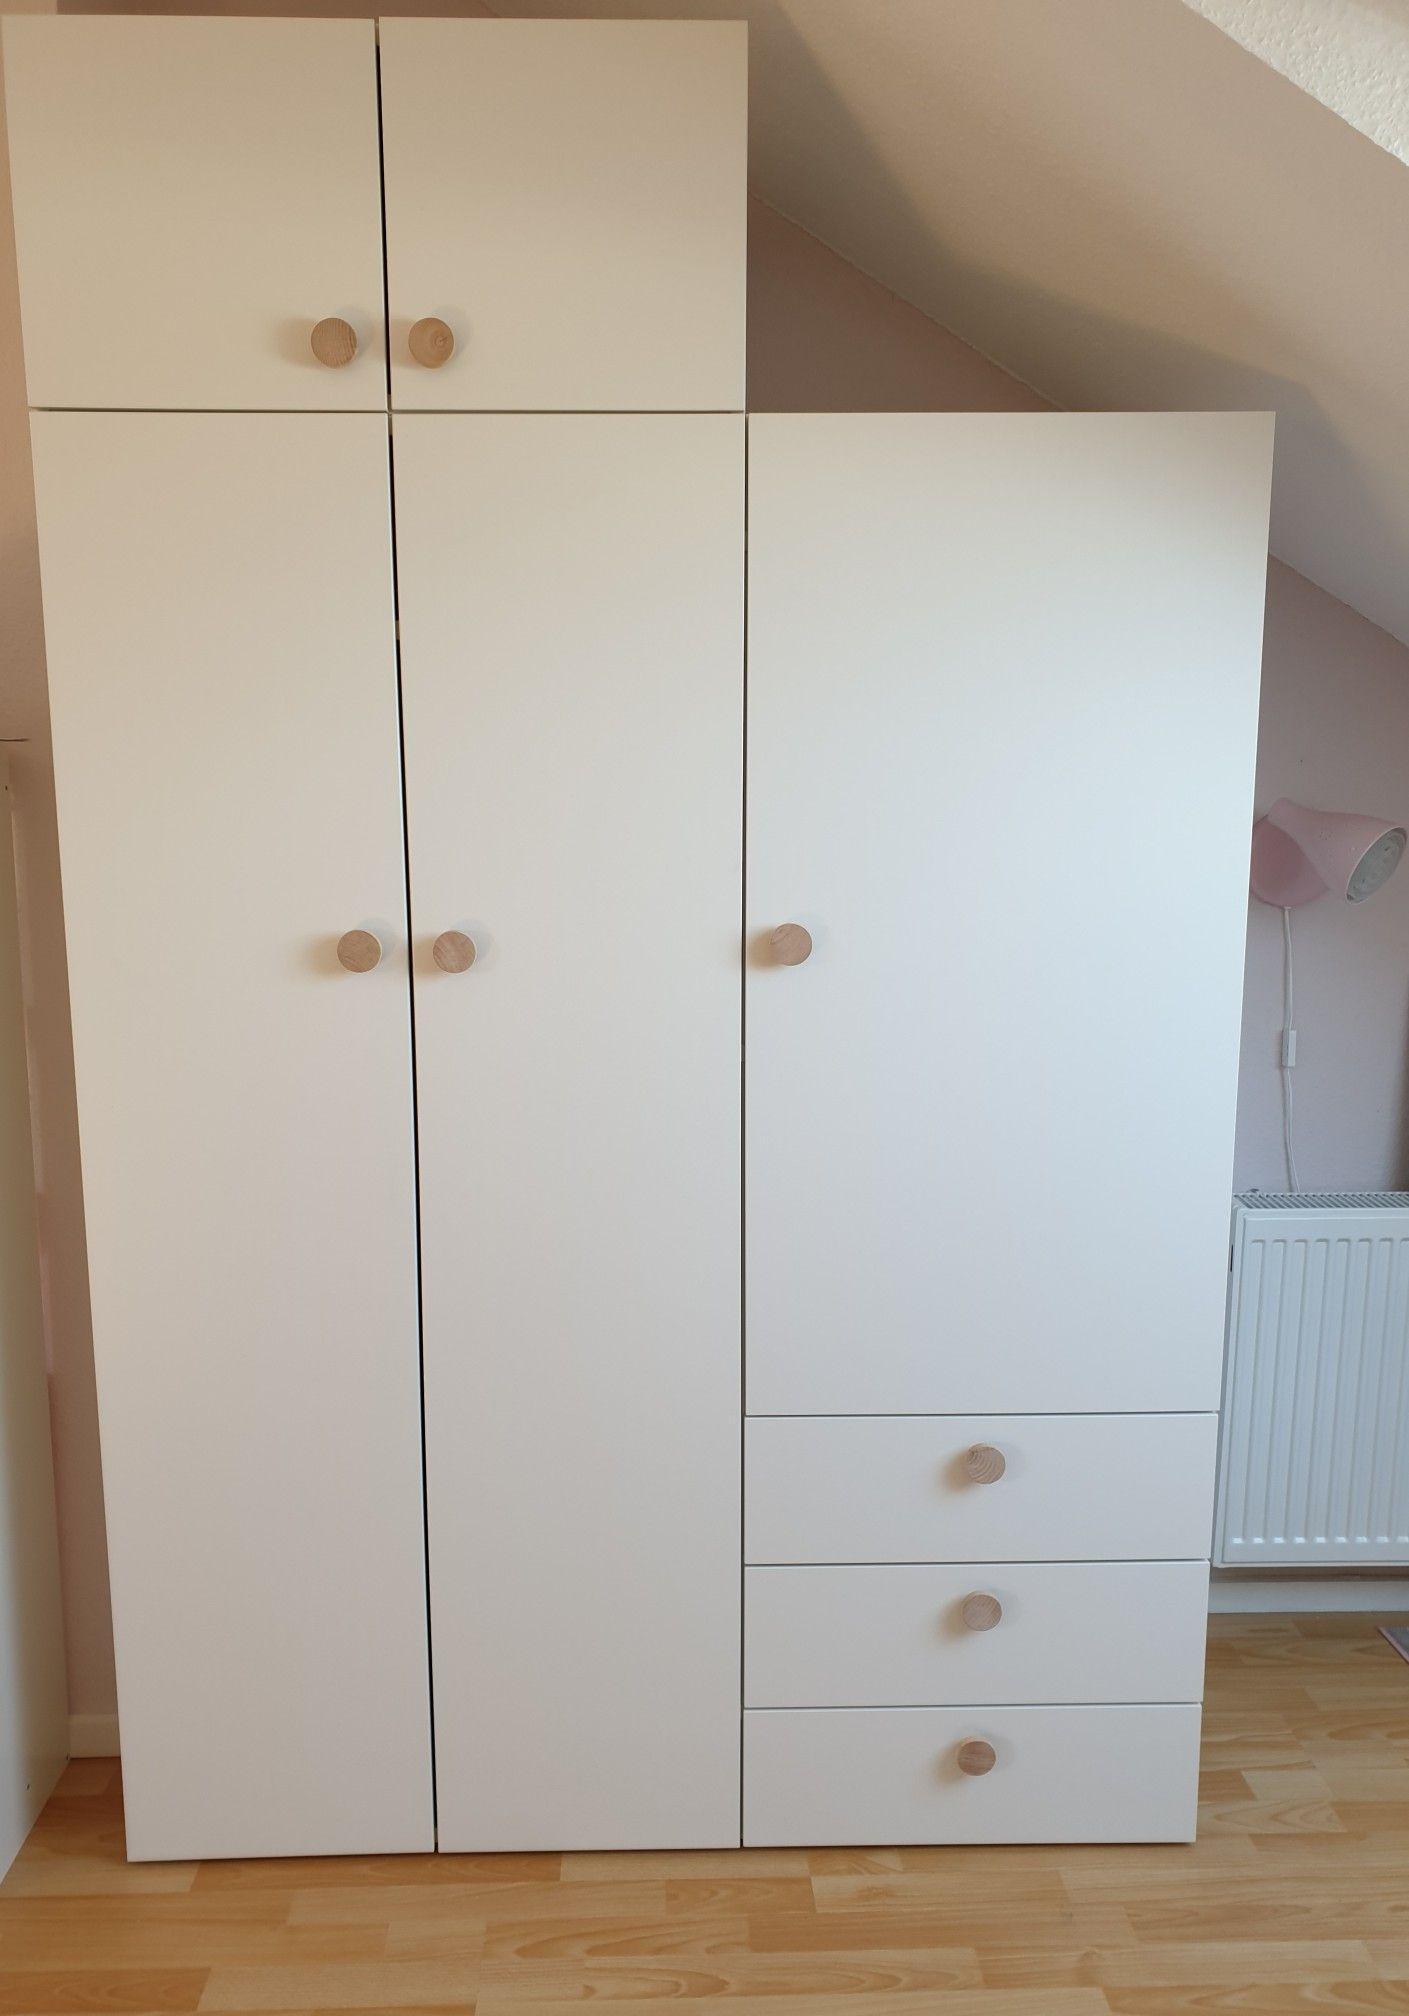 Ikea Kinderzimmer Schrank Holz